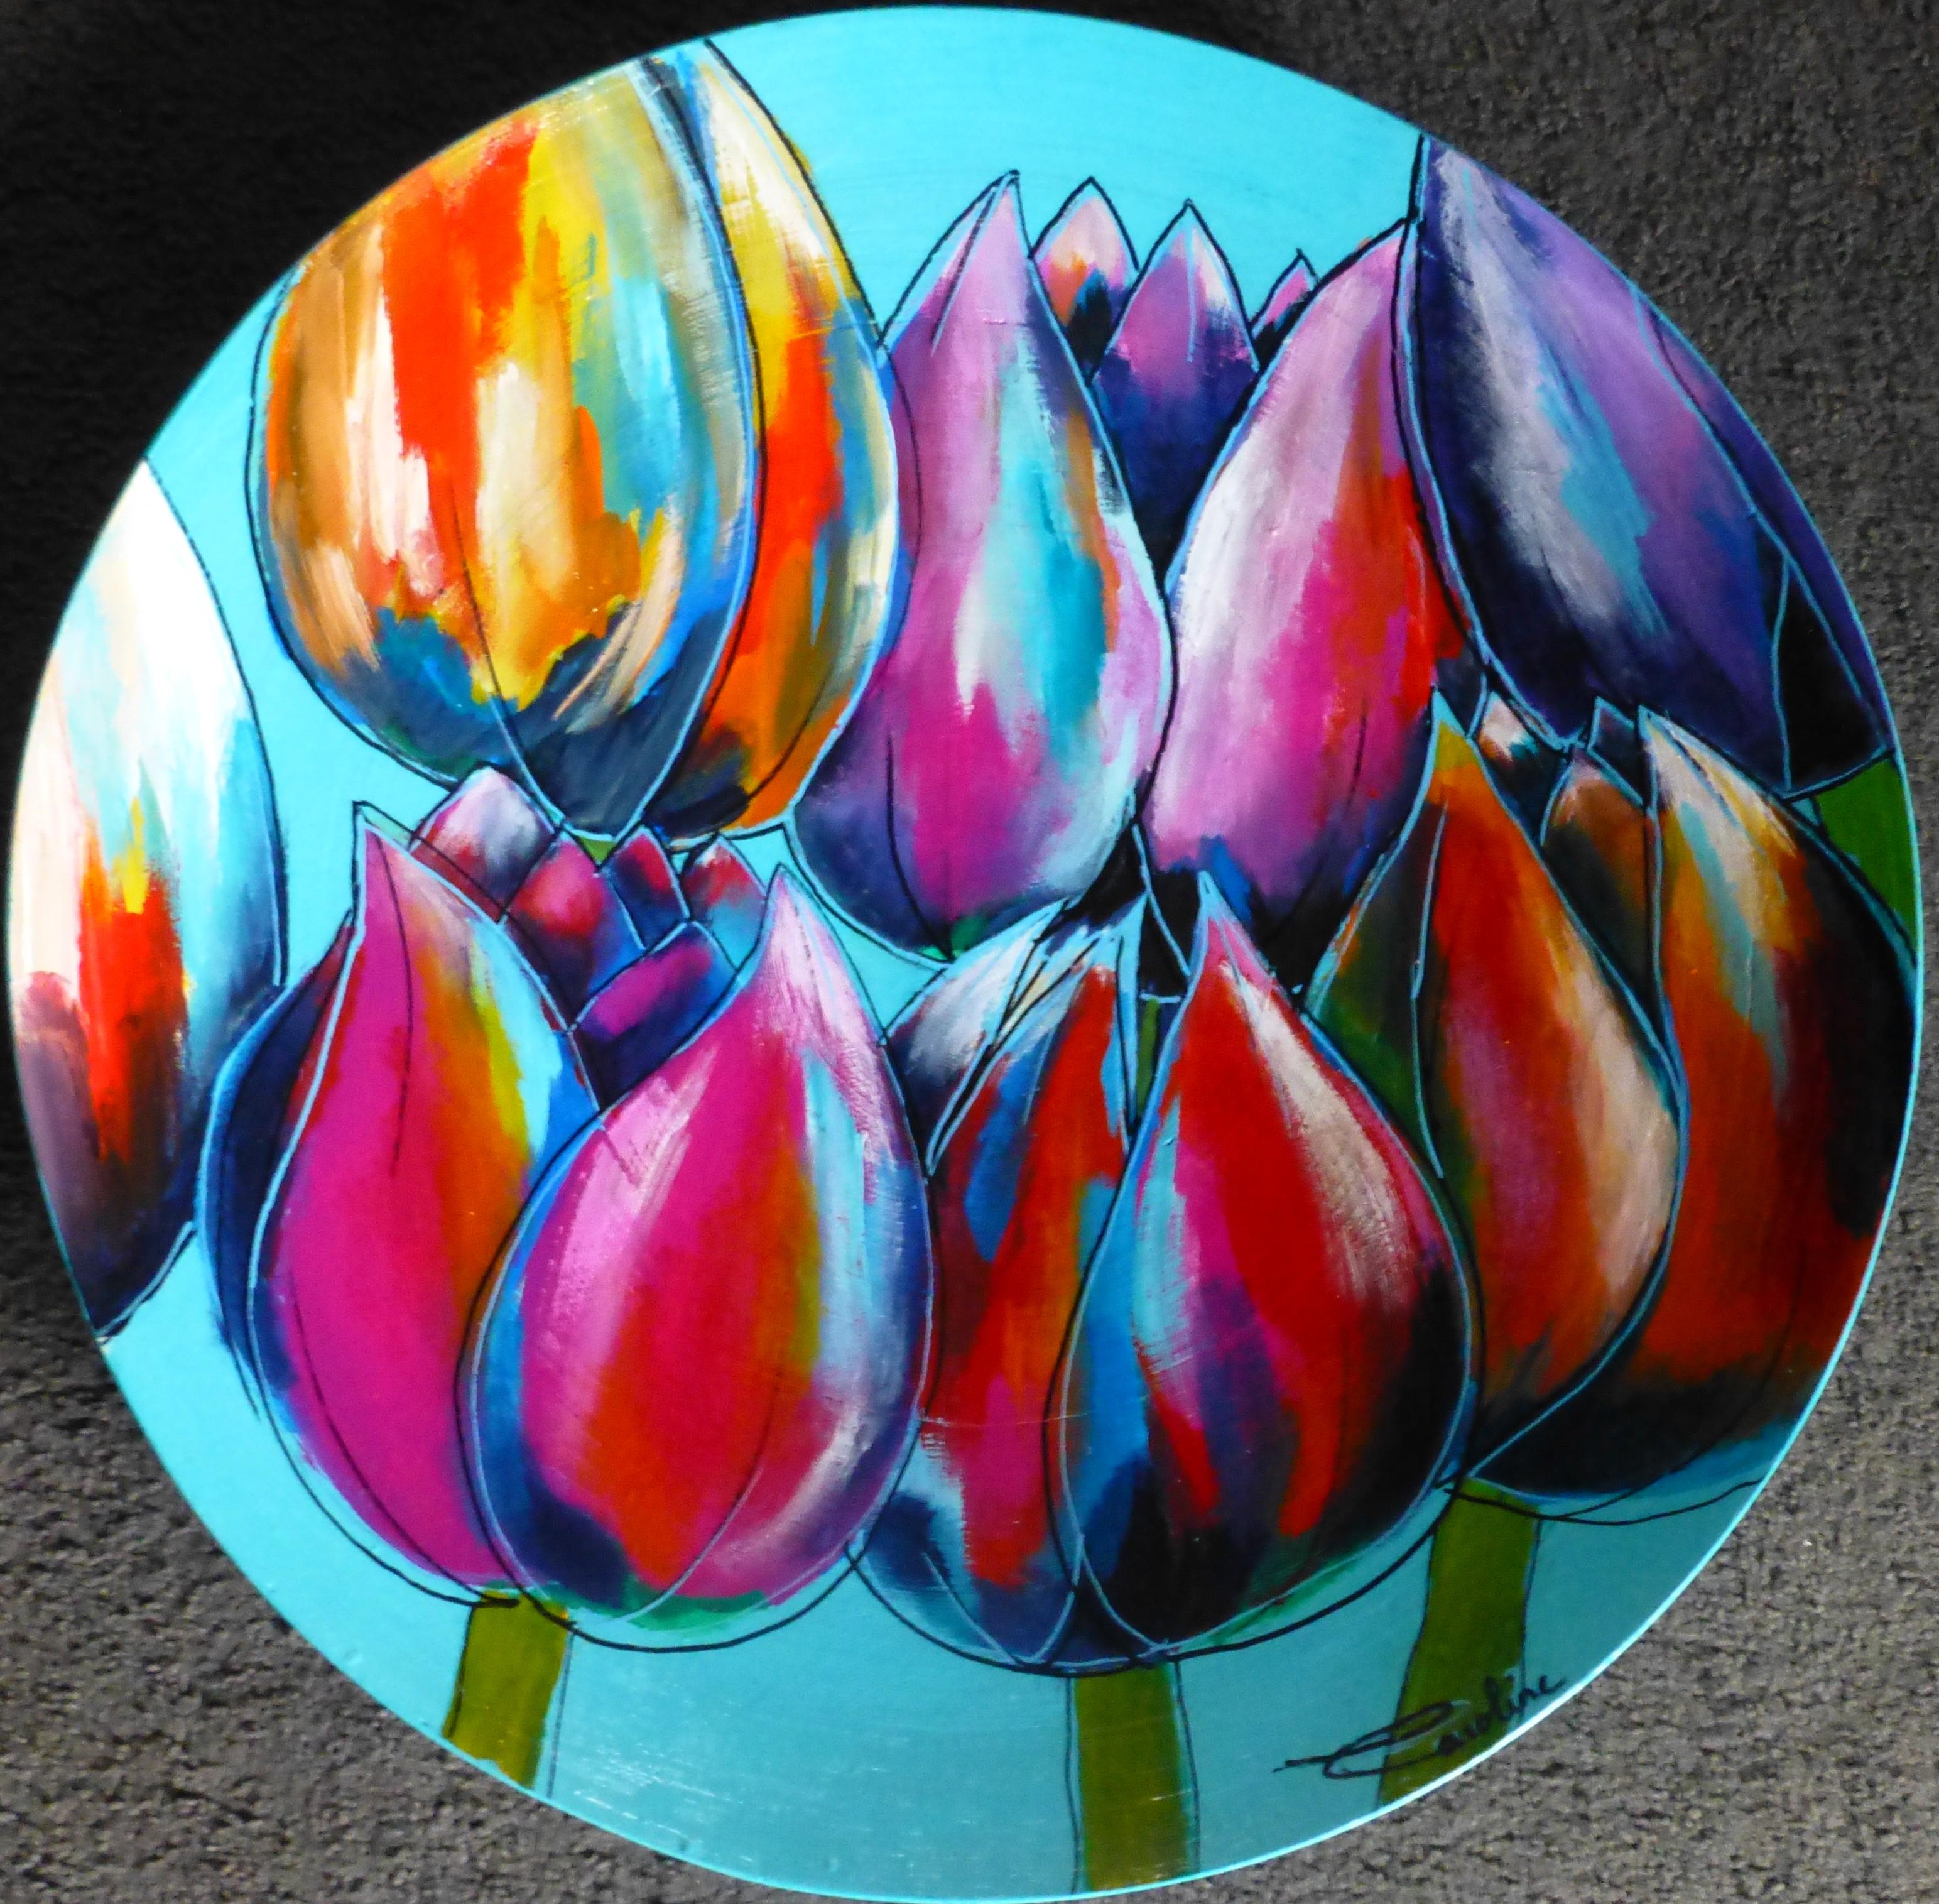 bamboeschaal met div. gekleurde tulpen.j